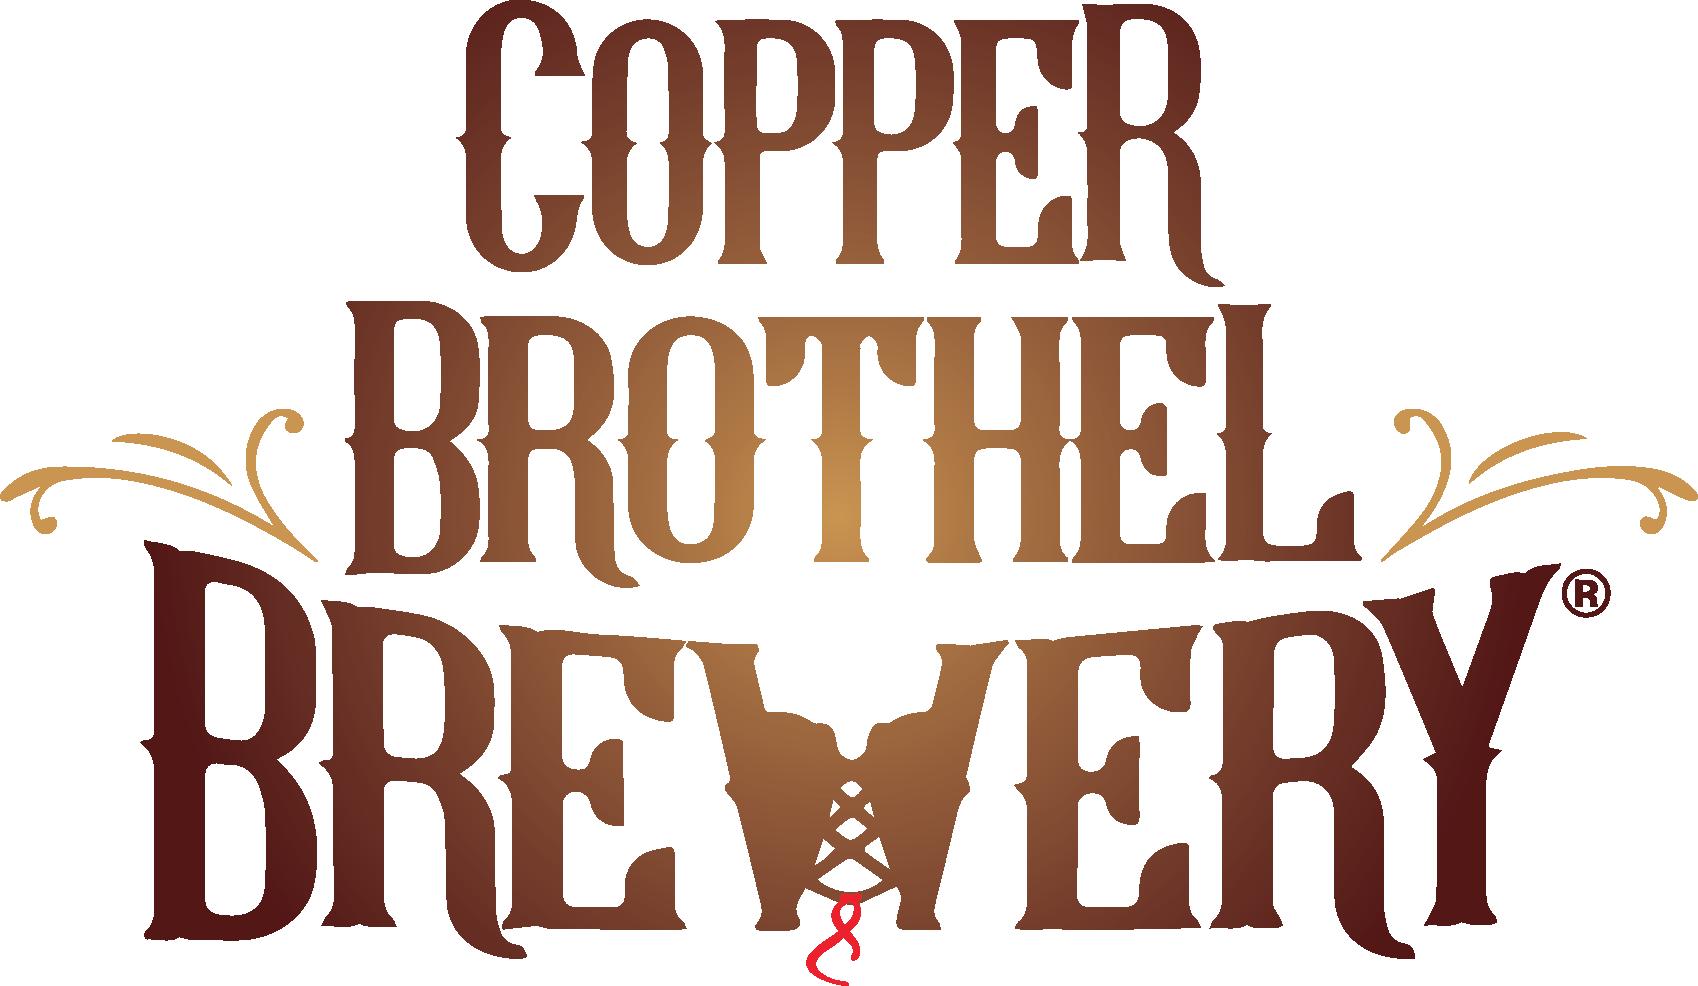 Copper_Brothel_Logo_110817.png